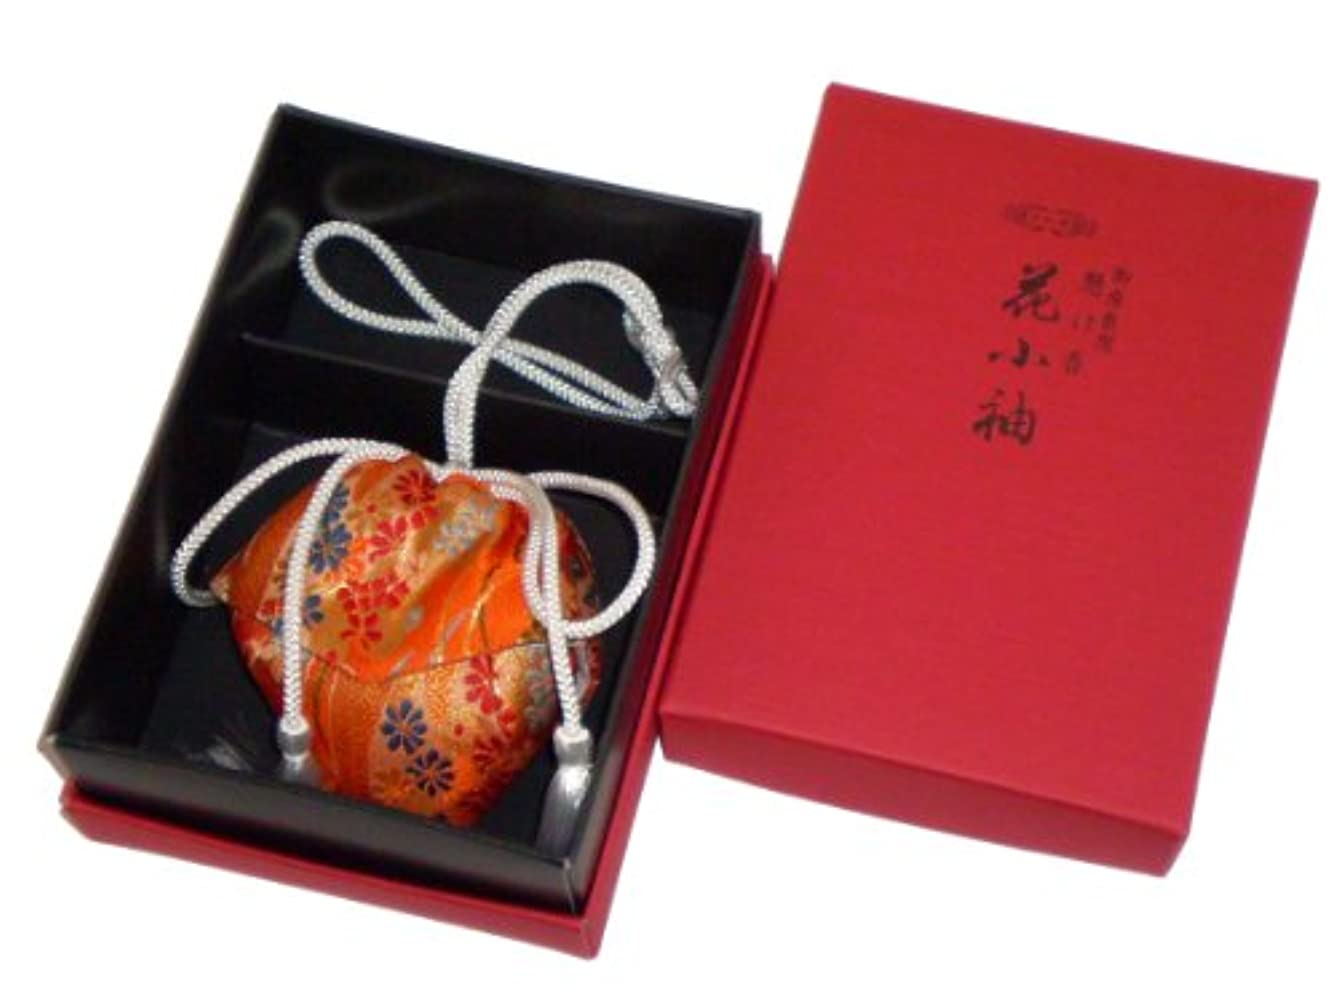 木もつれ純粋な玉初堂のお香 花小袖 掛ケ香 #458